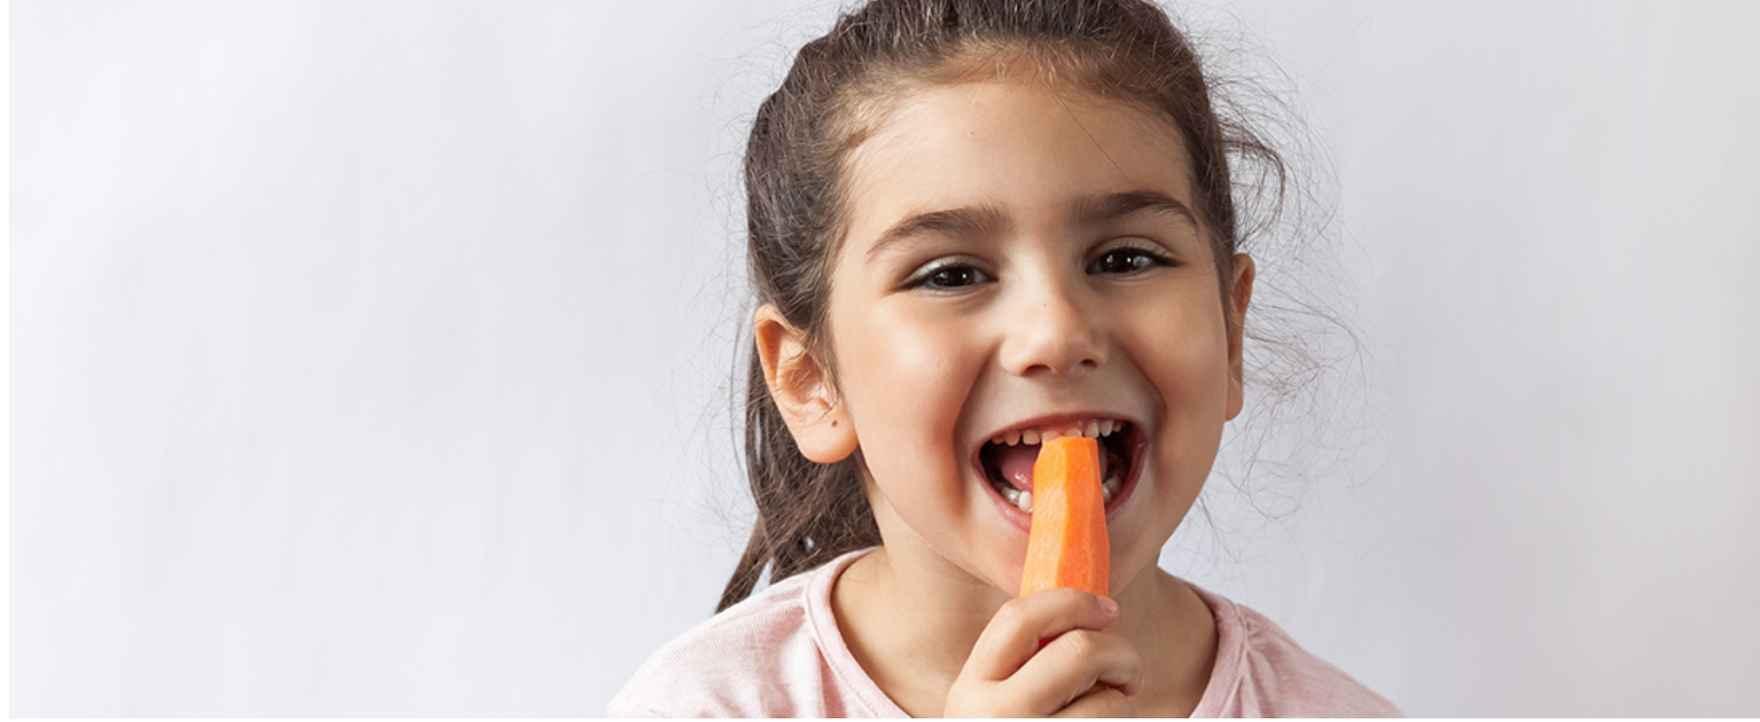 pige spiser gulerod.jpg